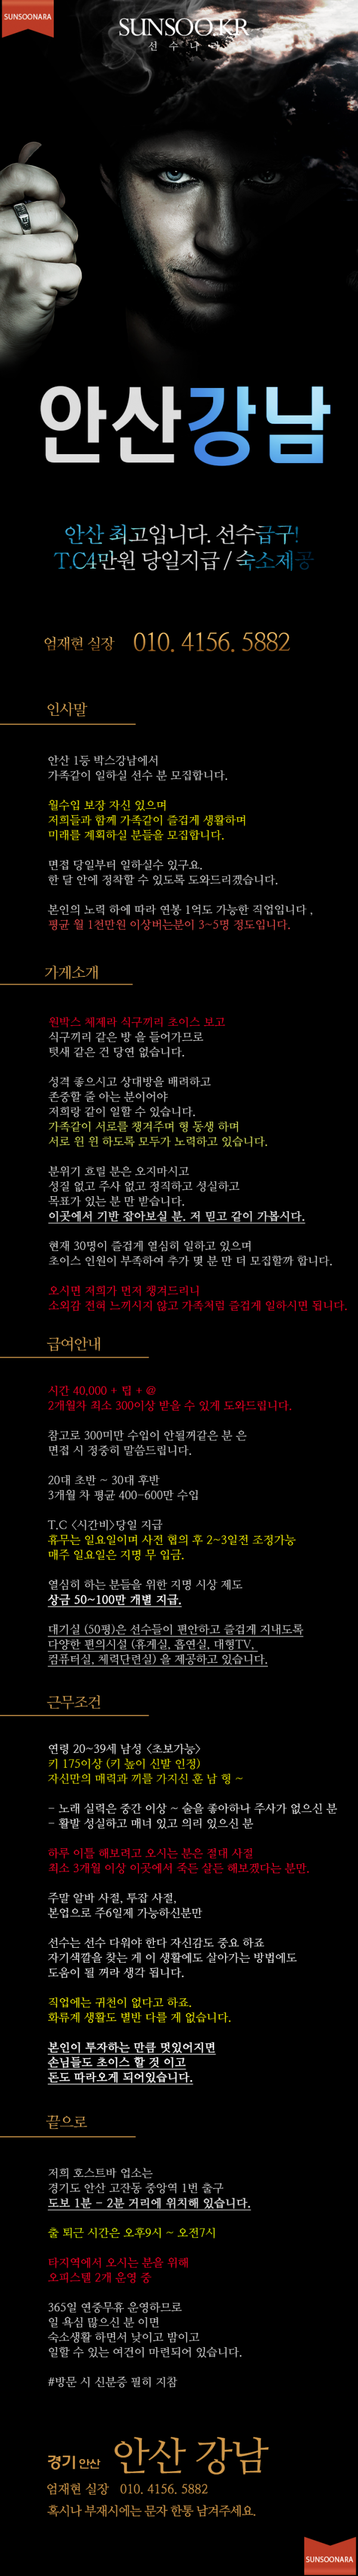 안산강남.png